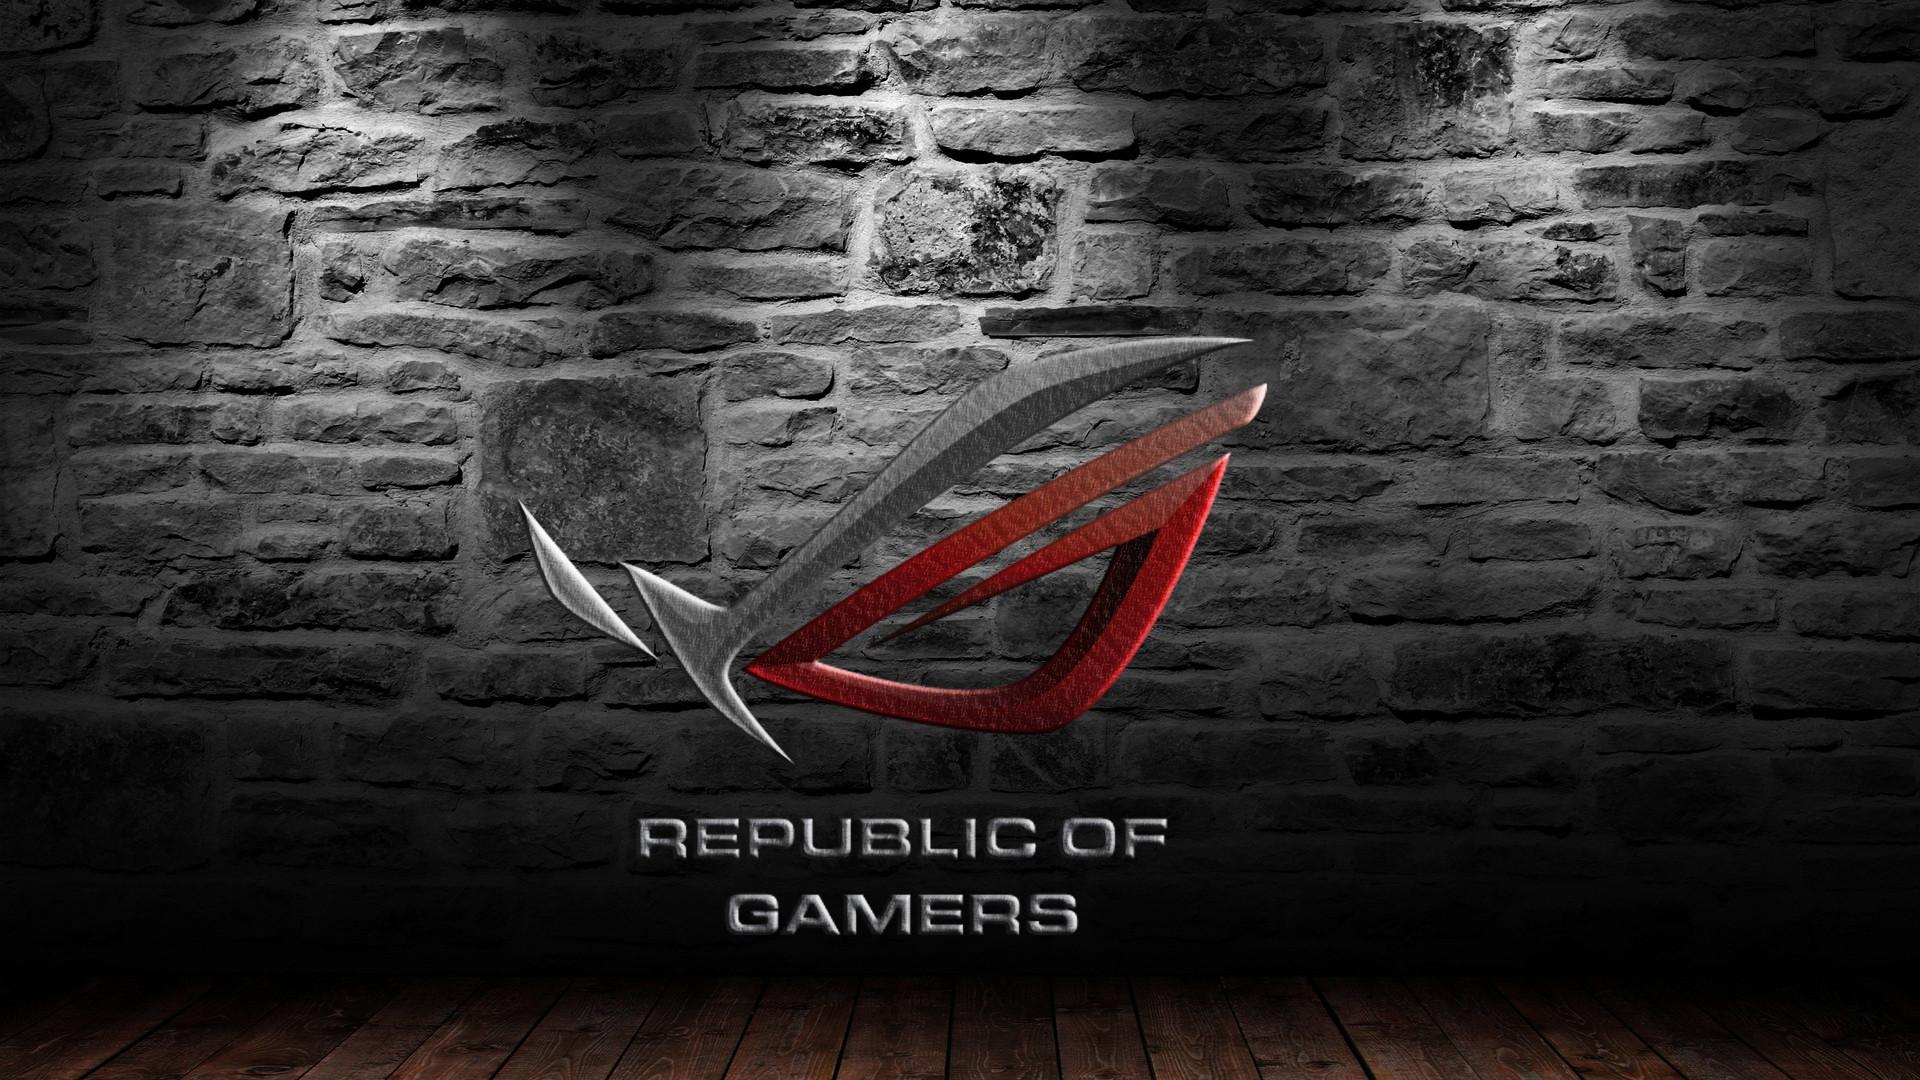 asus rog (republic of gamers) logo hd. 1080p wallpaper and .